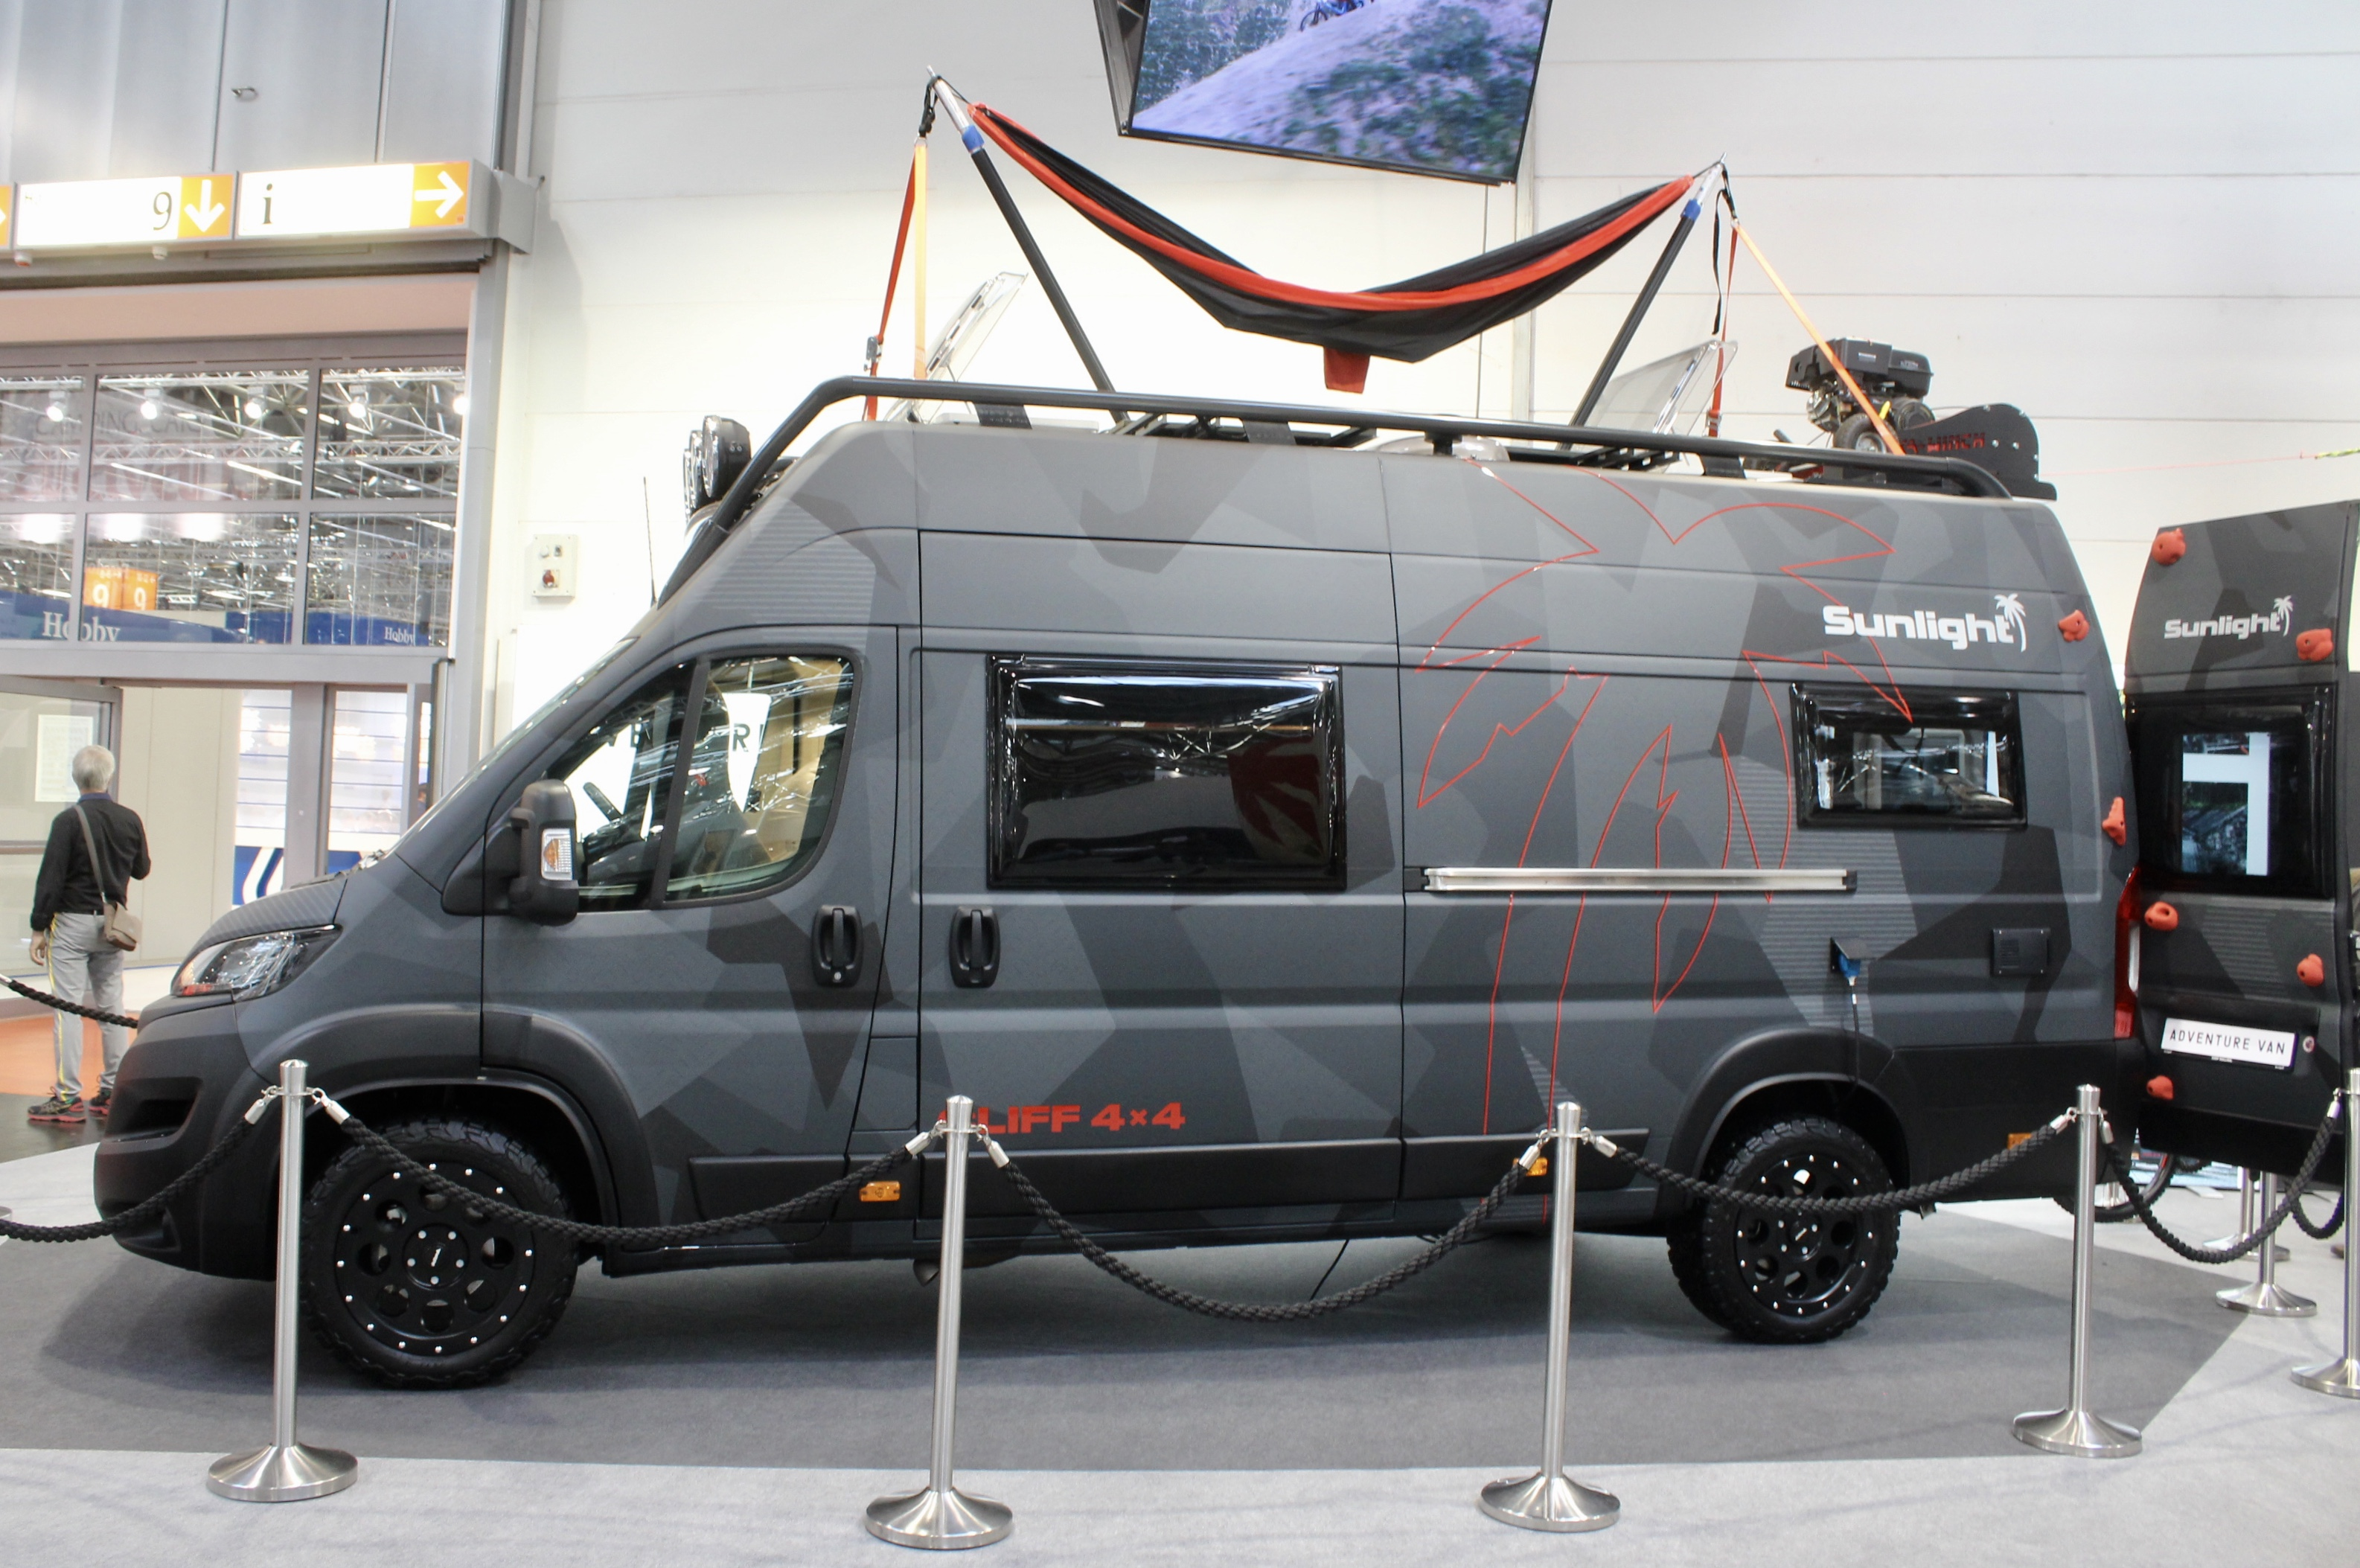 Five top Düsseldorf 2019 adventure camper vans